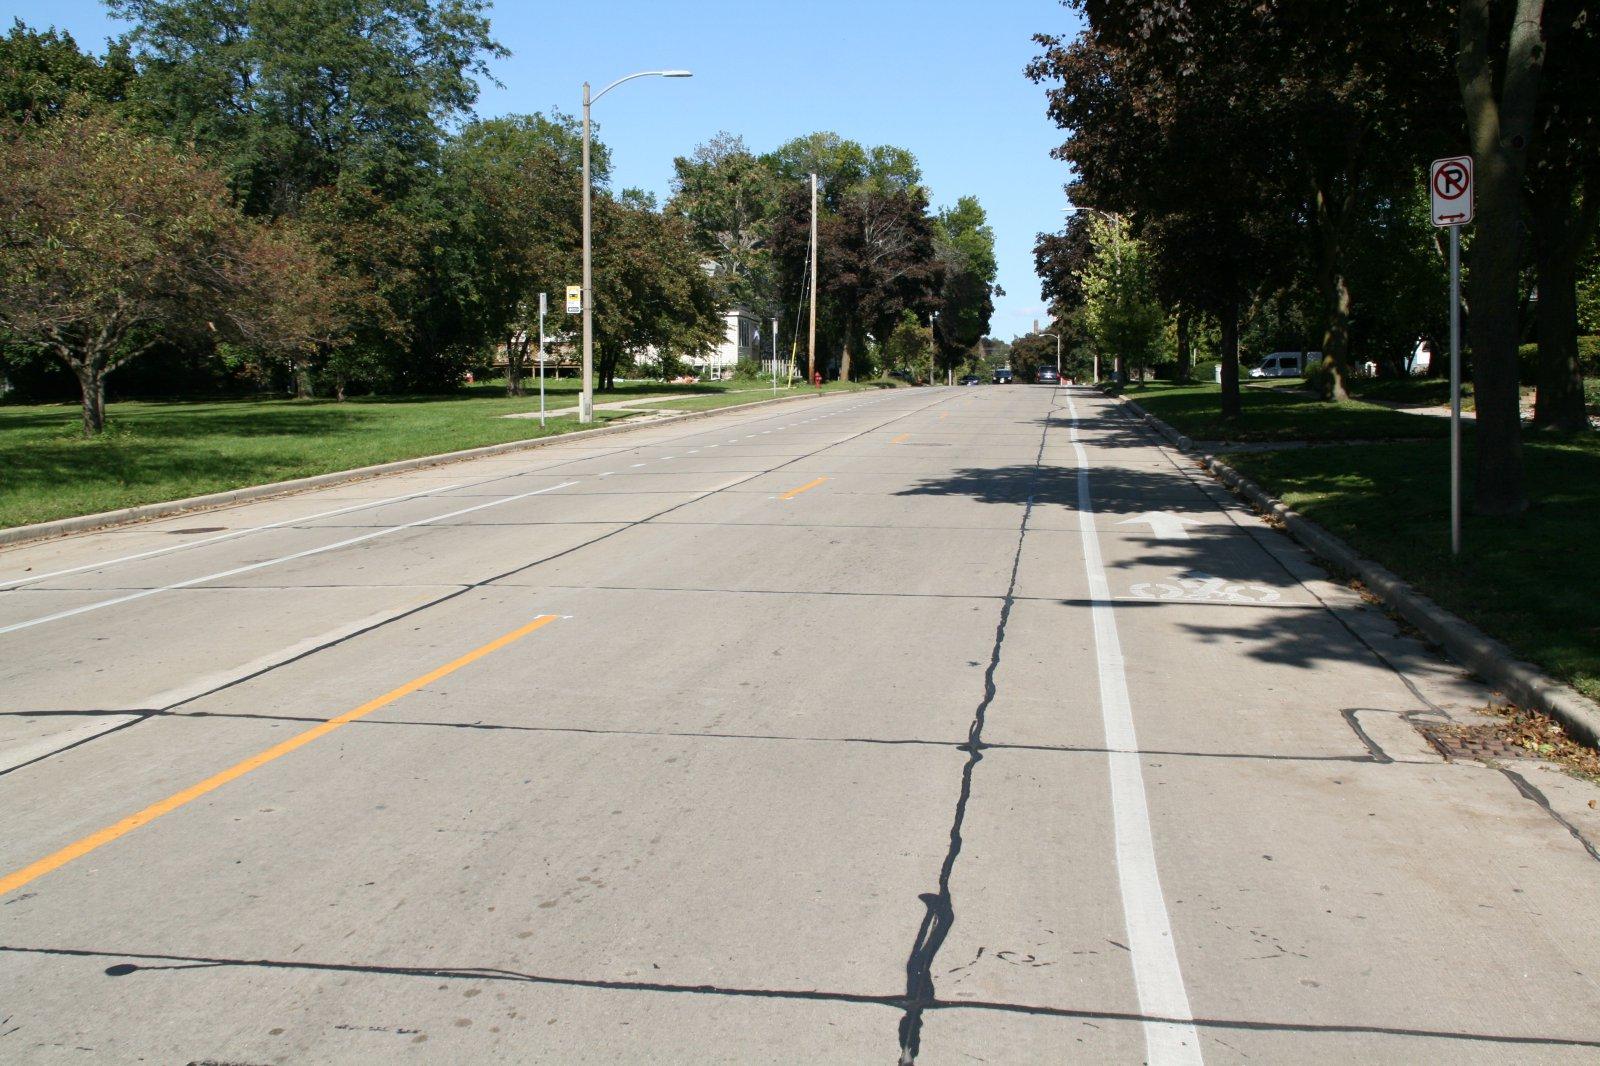 Curb Bike Lane on N. Hawley Rd.